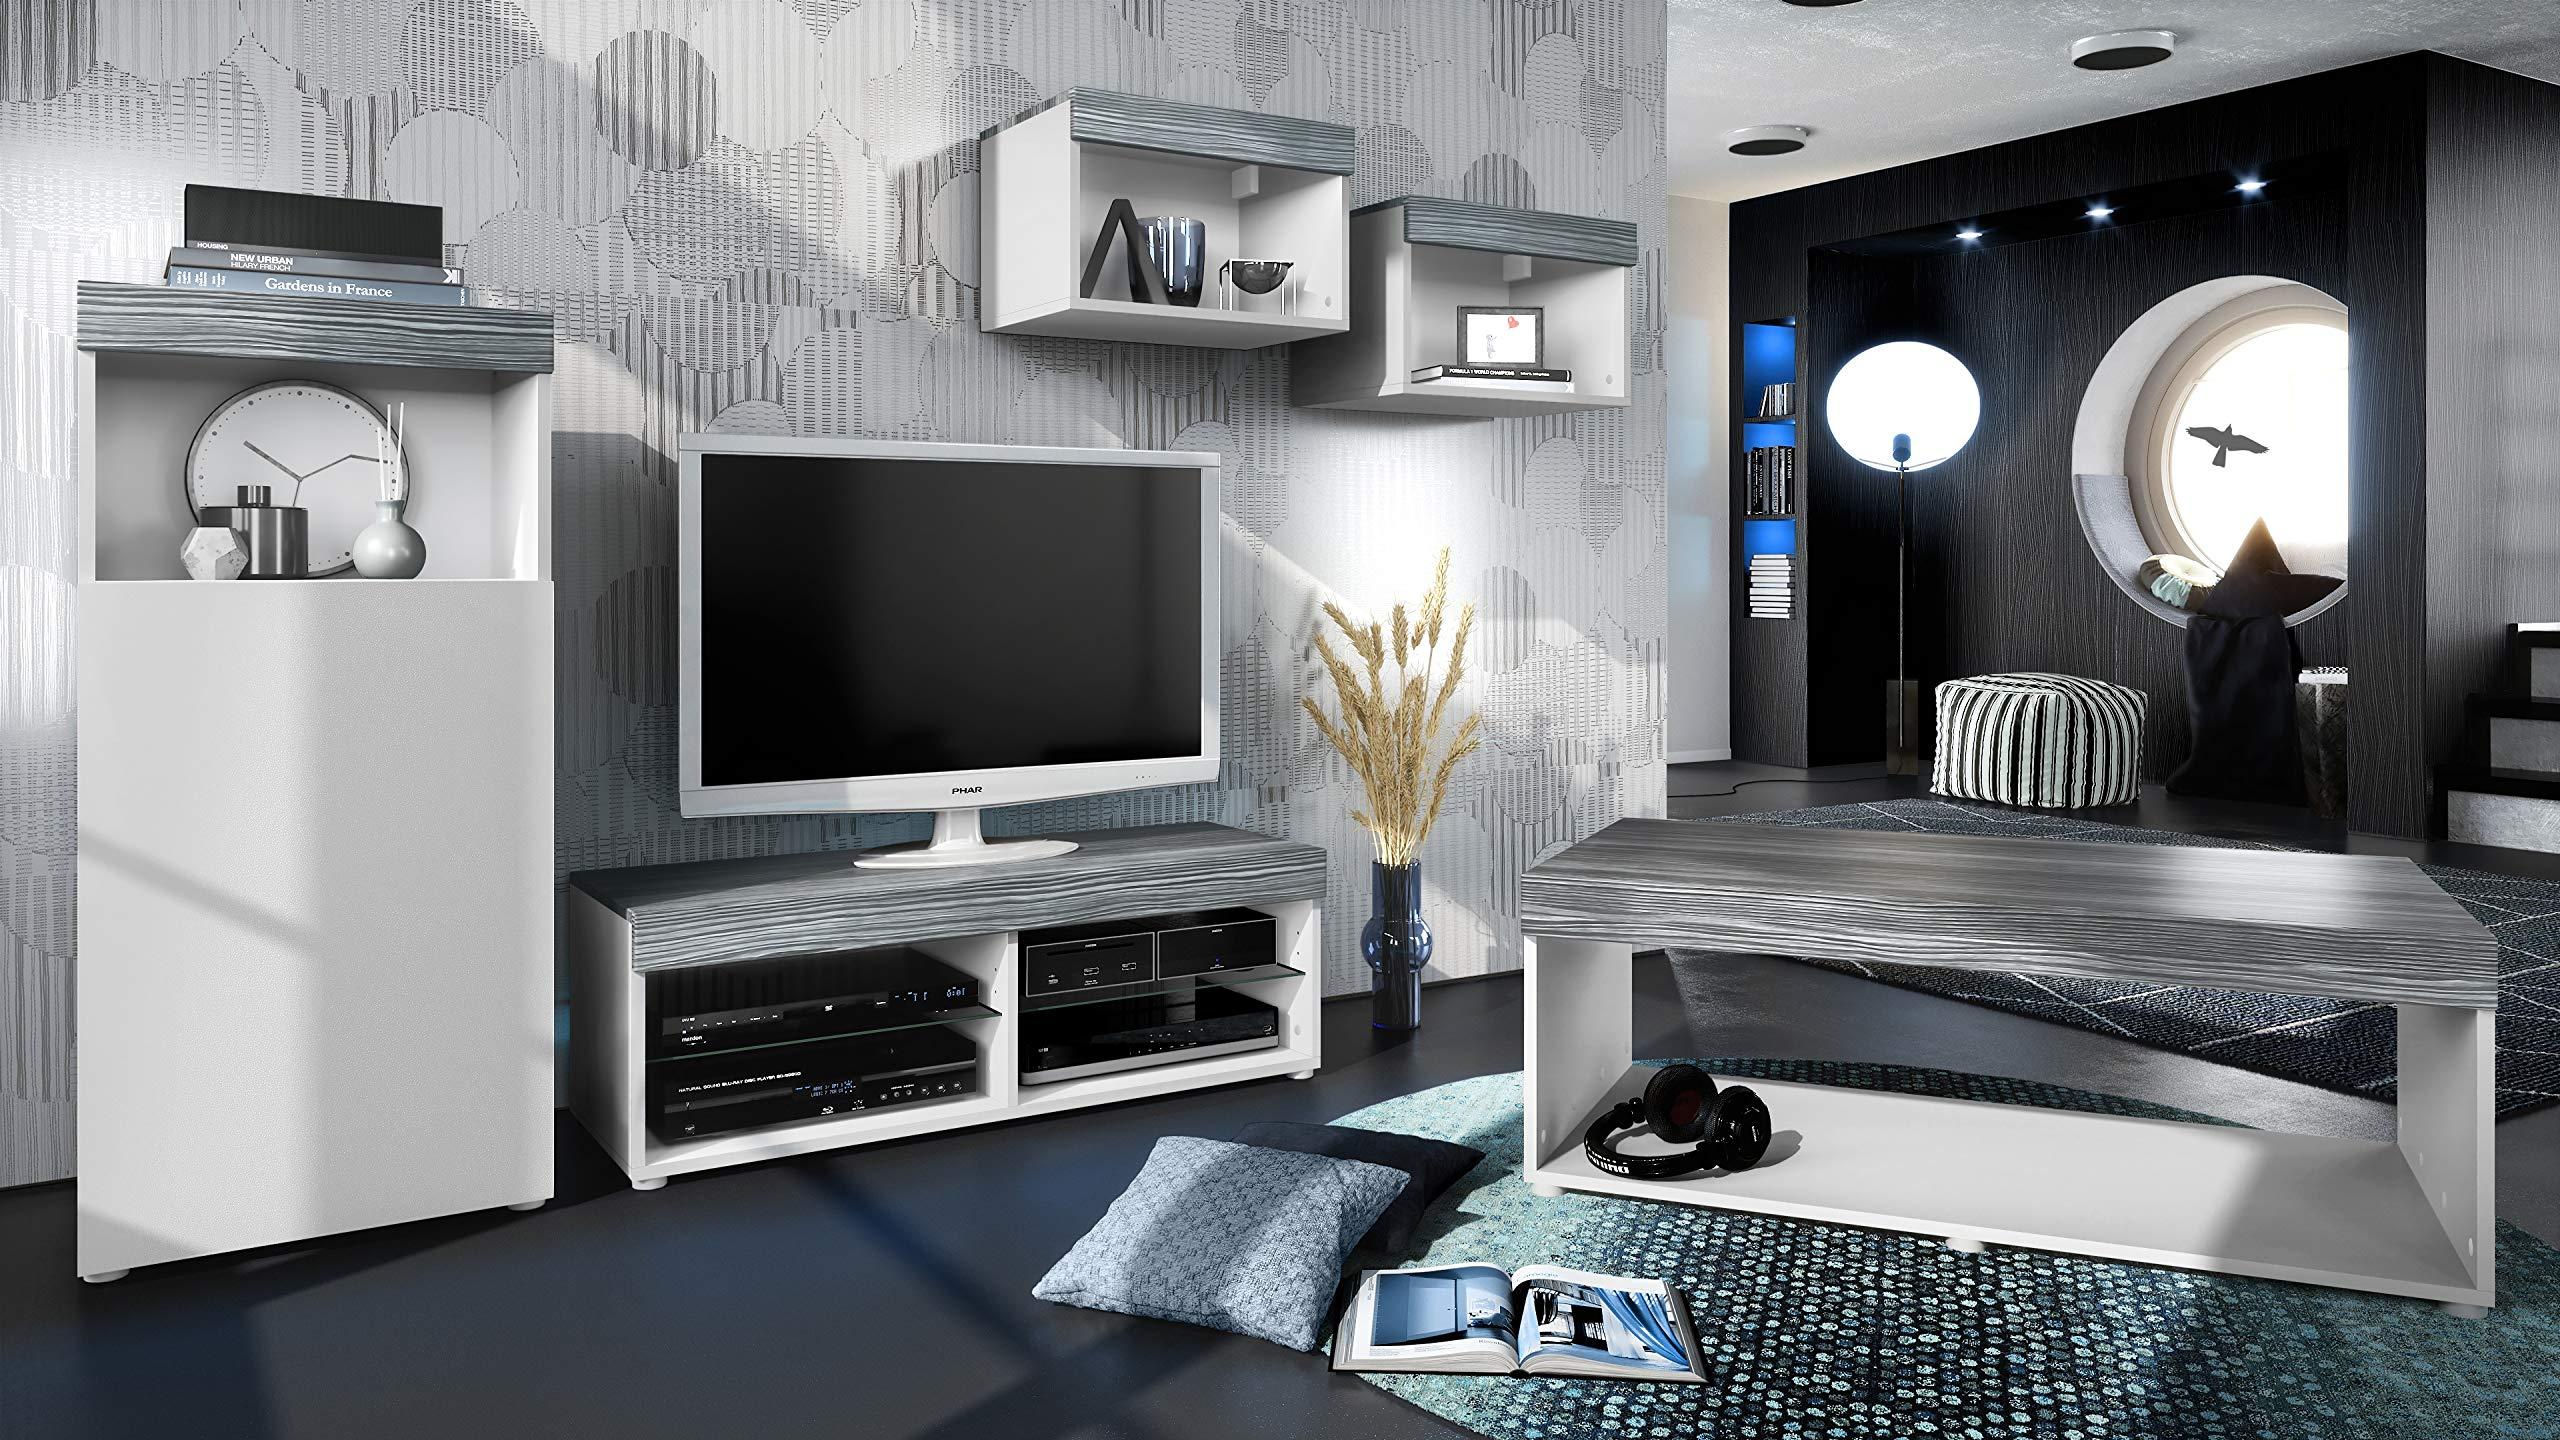 Conjunto de Muebles Pure para Sala de Estar | Mesa Baja, 2 estanterías, gabinete, Mesa | Cuerpo en Blanco Mate/Partes Superiores y Paneles en avola Antracita | Amplia selección de Colores: Vladon: